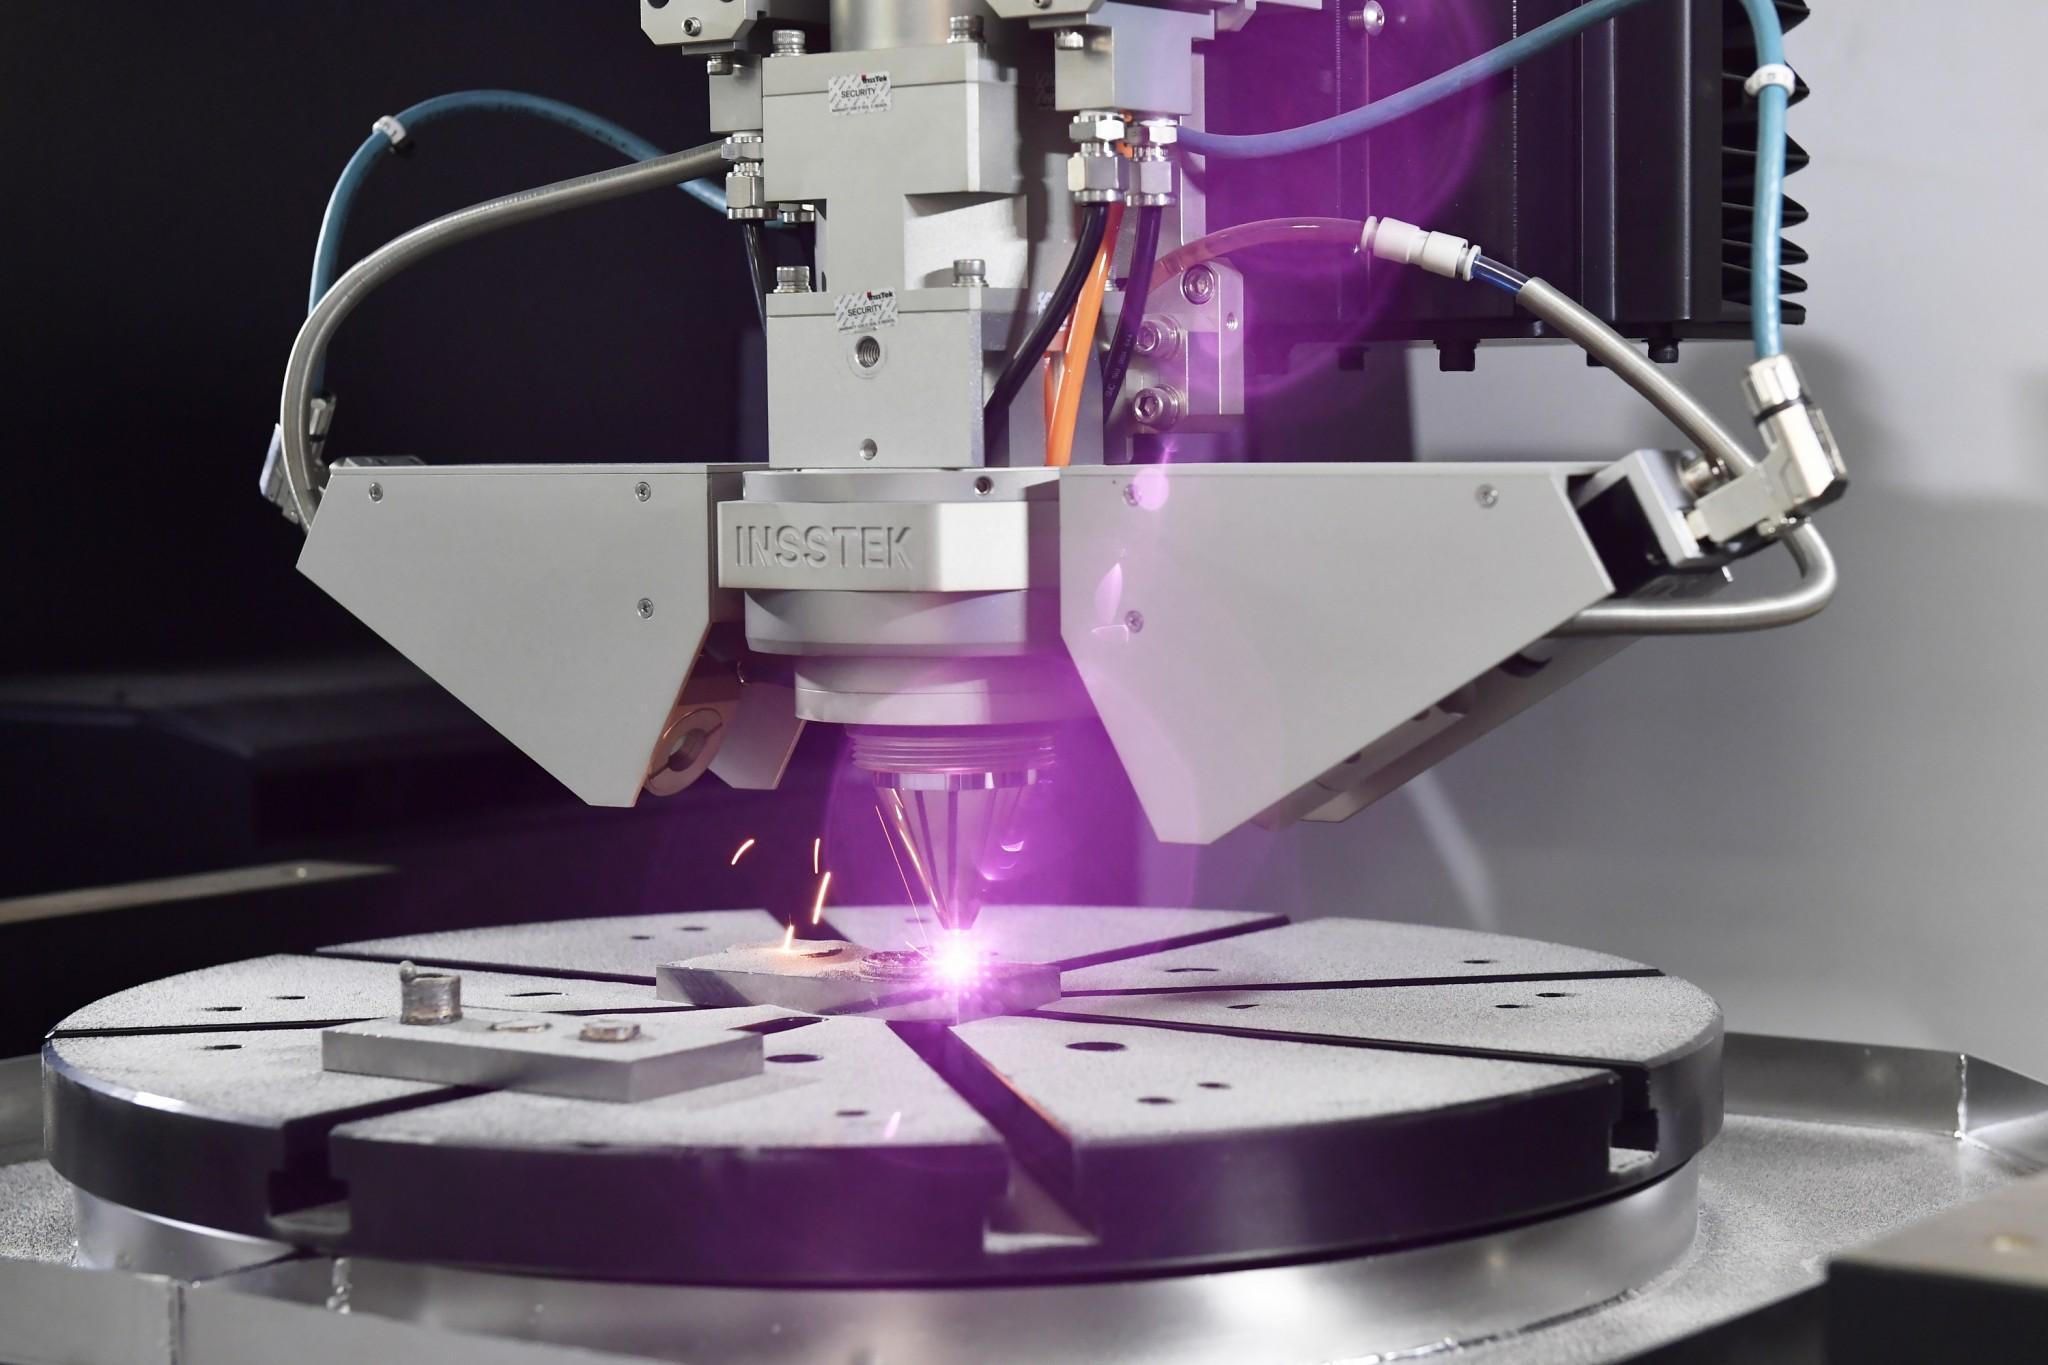 insstek mx1000 3d printer 3d drucker metall - Russisches Technologieinstitut Skoltech eröffnet 3D-Druck Labor